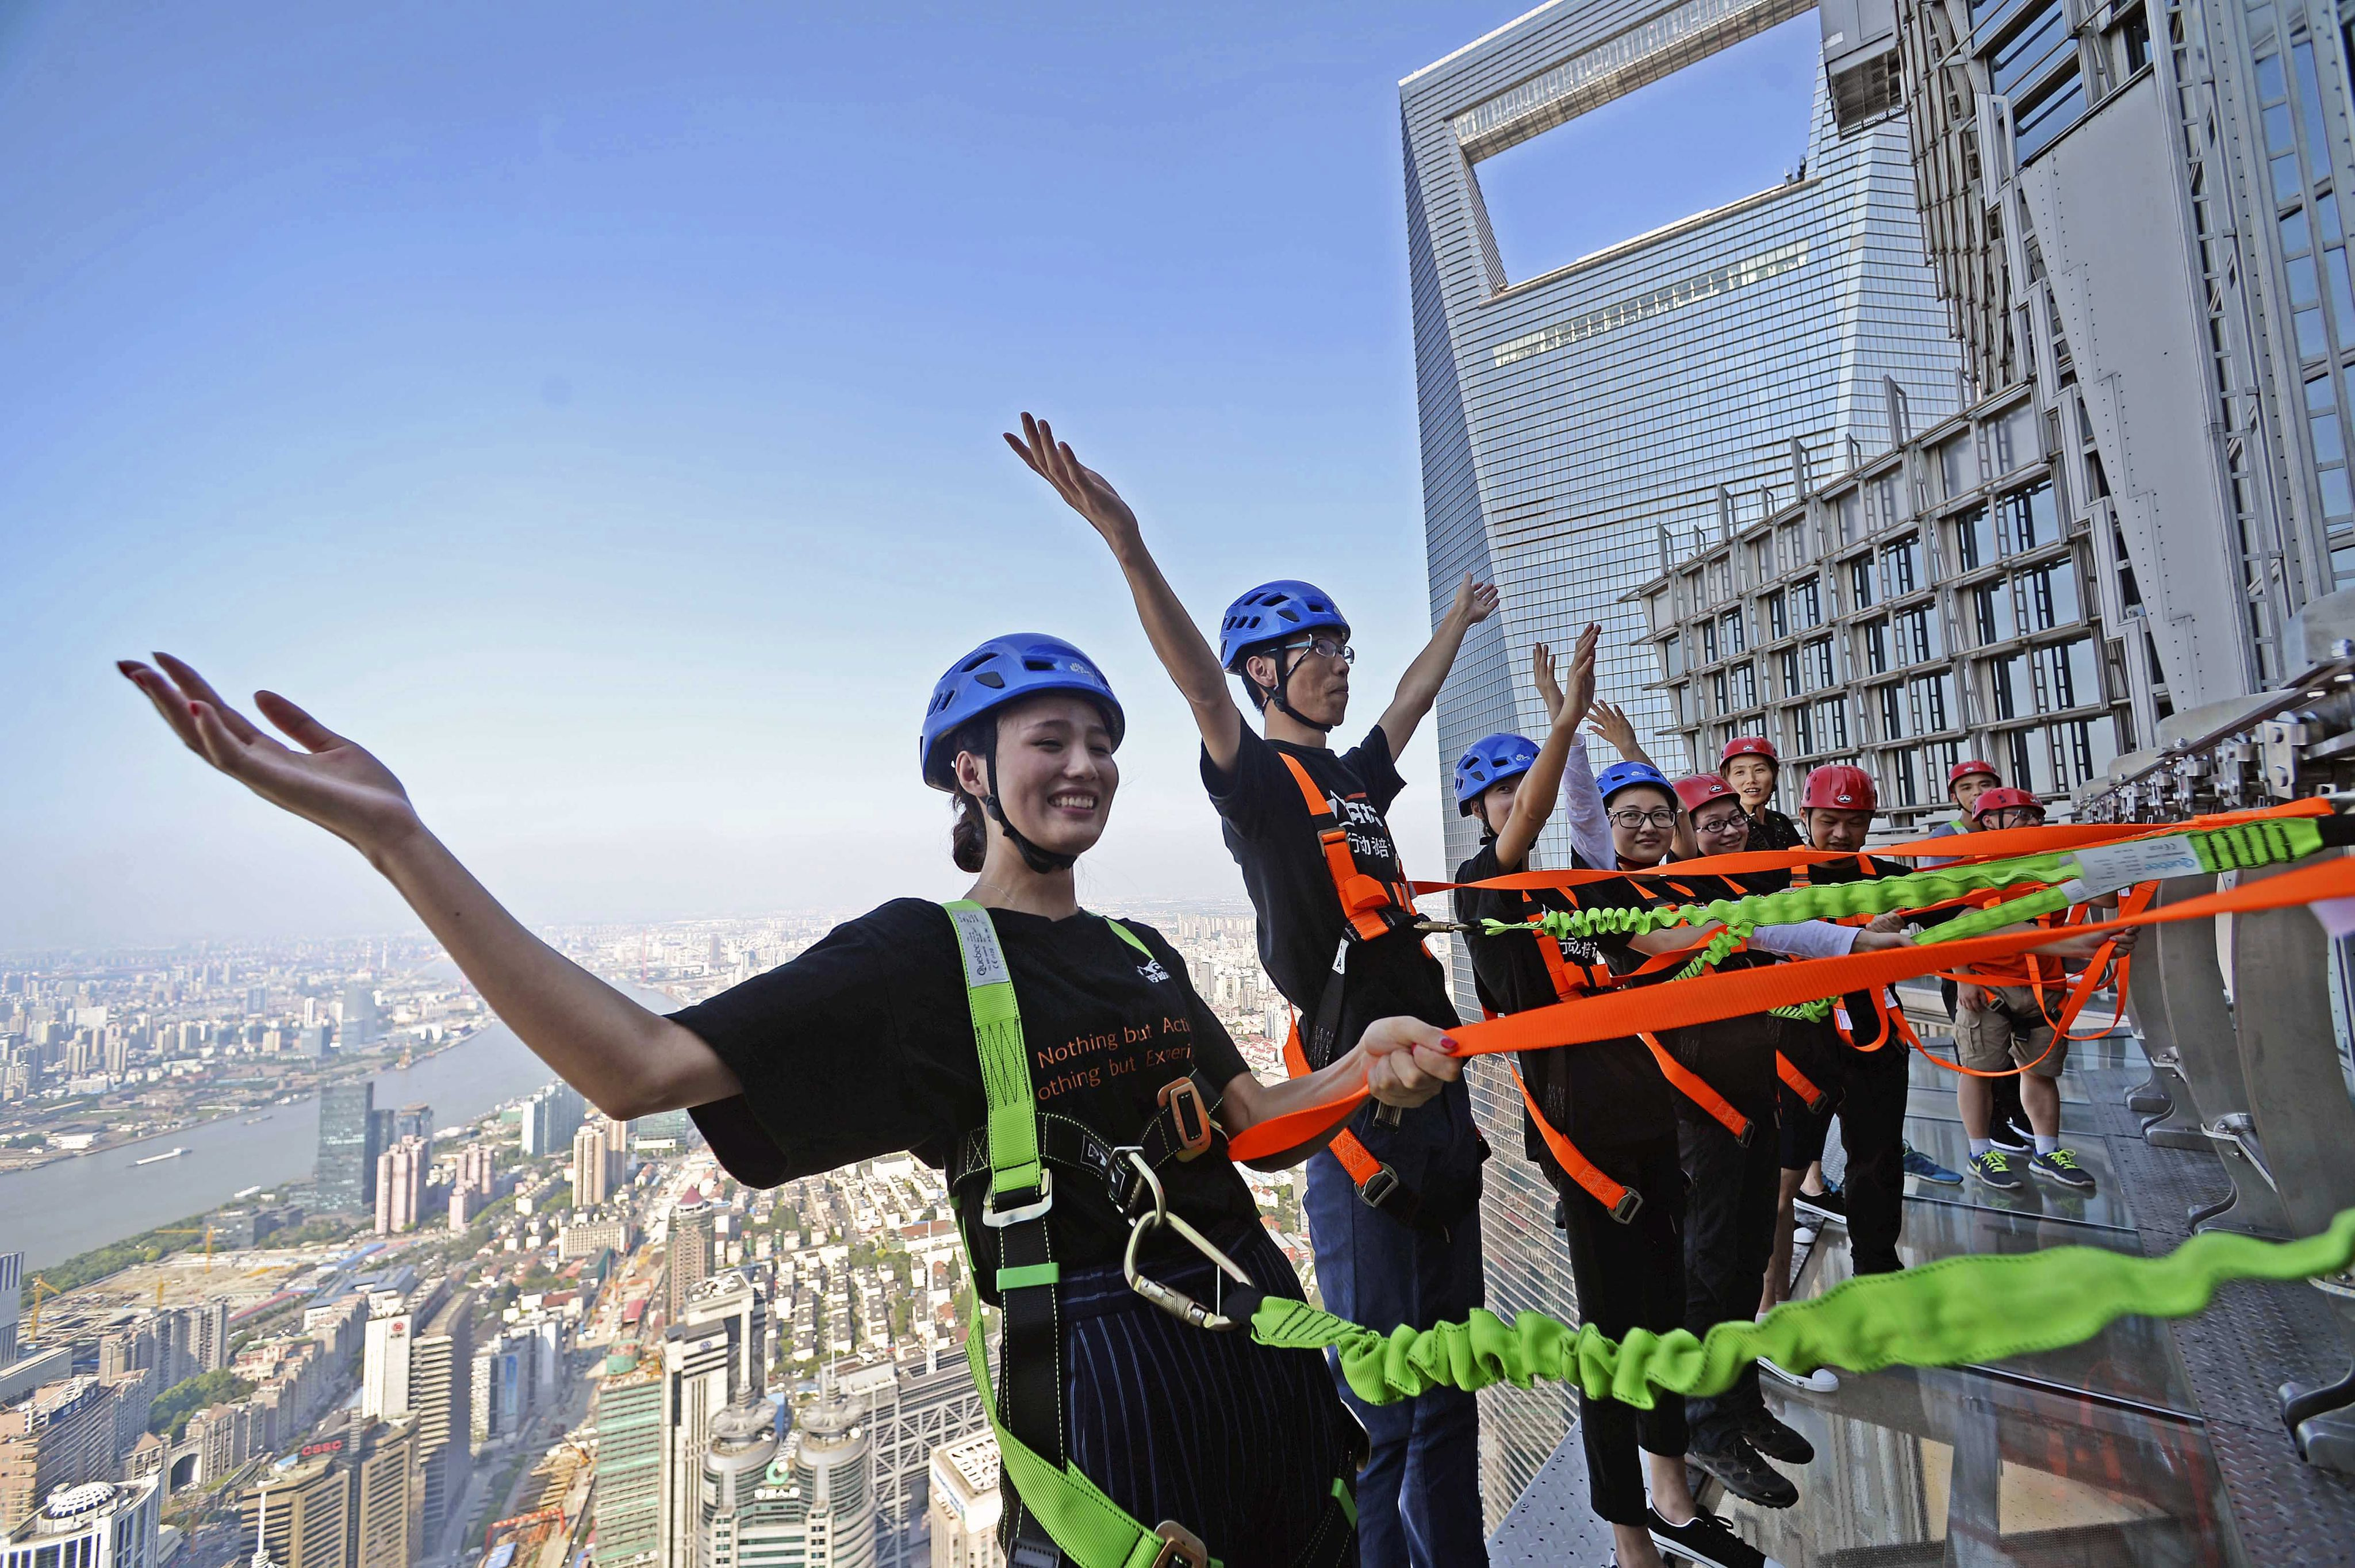 CH01. SHANGHÁI (CHINA), 28/07/2016.- Fotografía disponible hoy, viernes 29 de julio de 2016, de personas caminando sobre una pasarela acristalada en el piso 88 de la Torre Jinmao en Shanghái (China). La pasarela está abierta a los turistas, quienes pueden caminar ayudados de cuerdas de seguridad. EFE/XI LI/PROHIBIDO SU USO EN CHINA